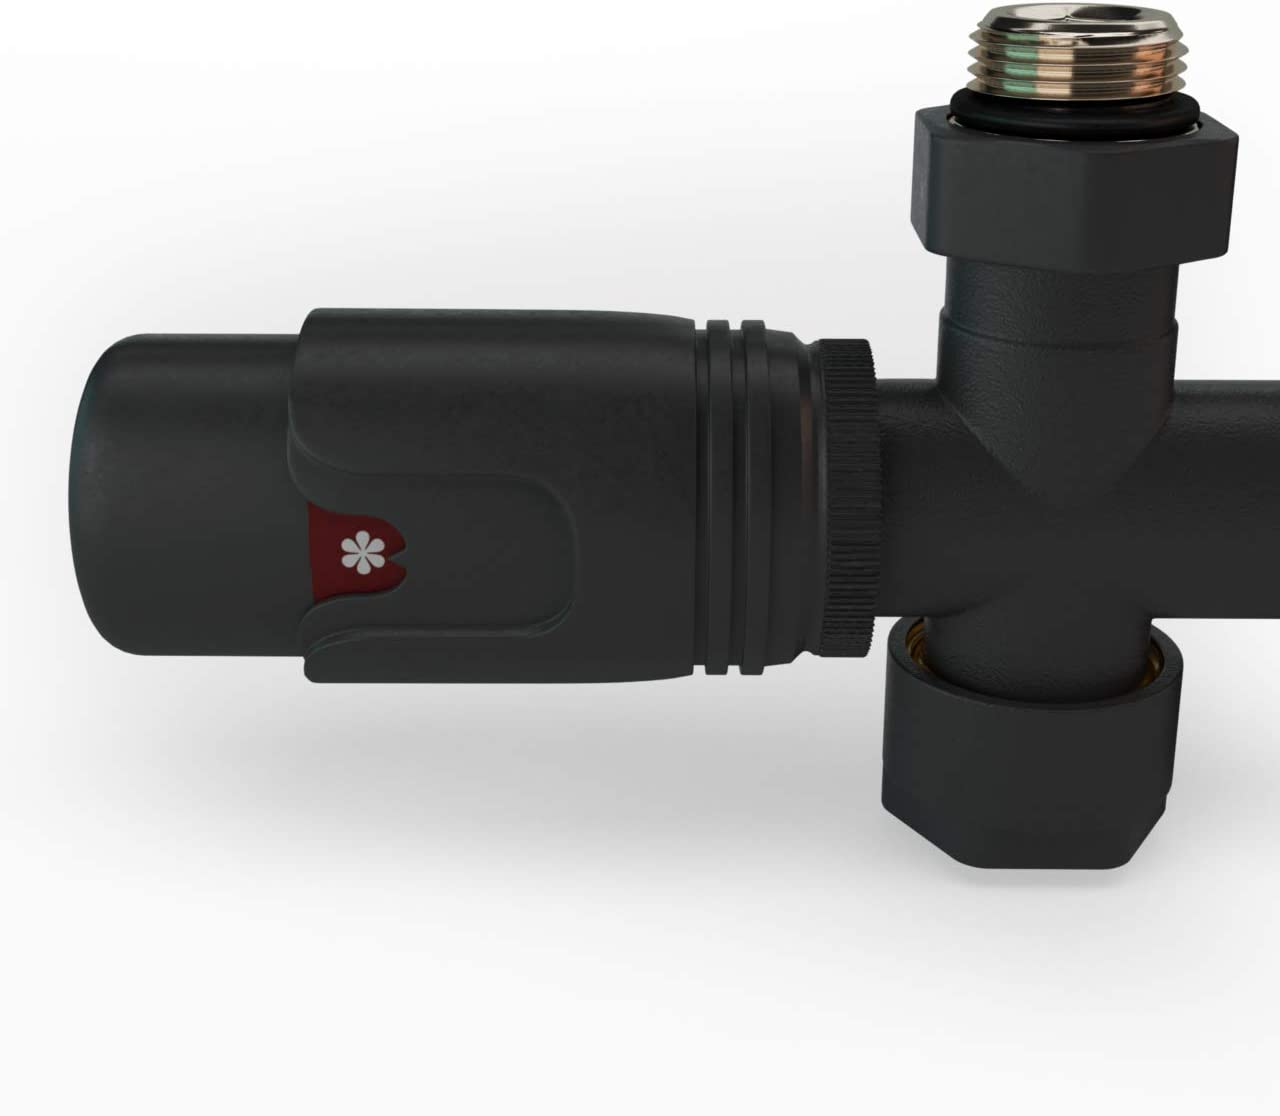 Mittelanschluss-Set Multiblock Hahnblock Durchgangsform inkl Thermostatregler f/ür Badheizk/örper Anthrazit